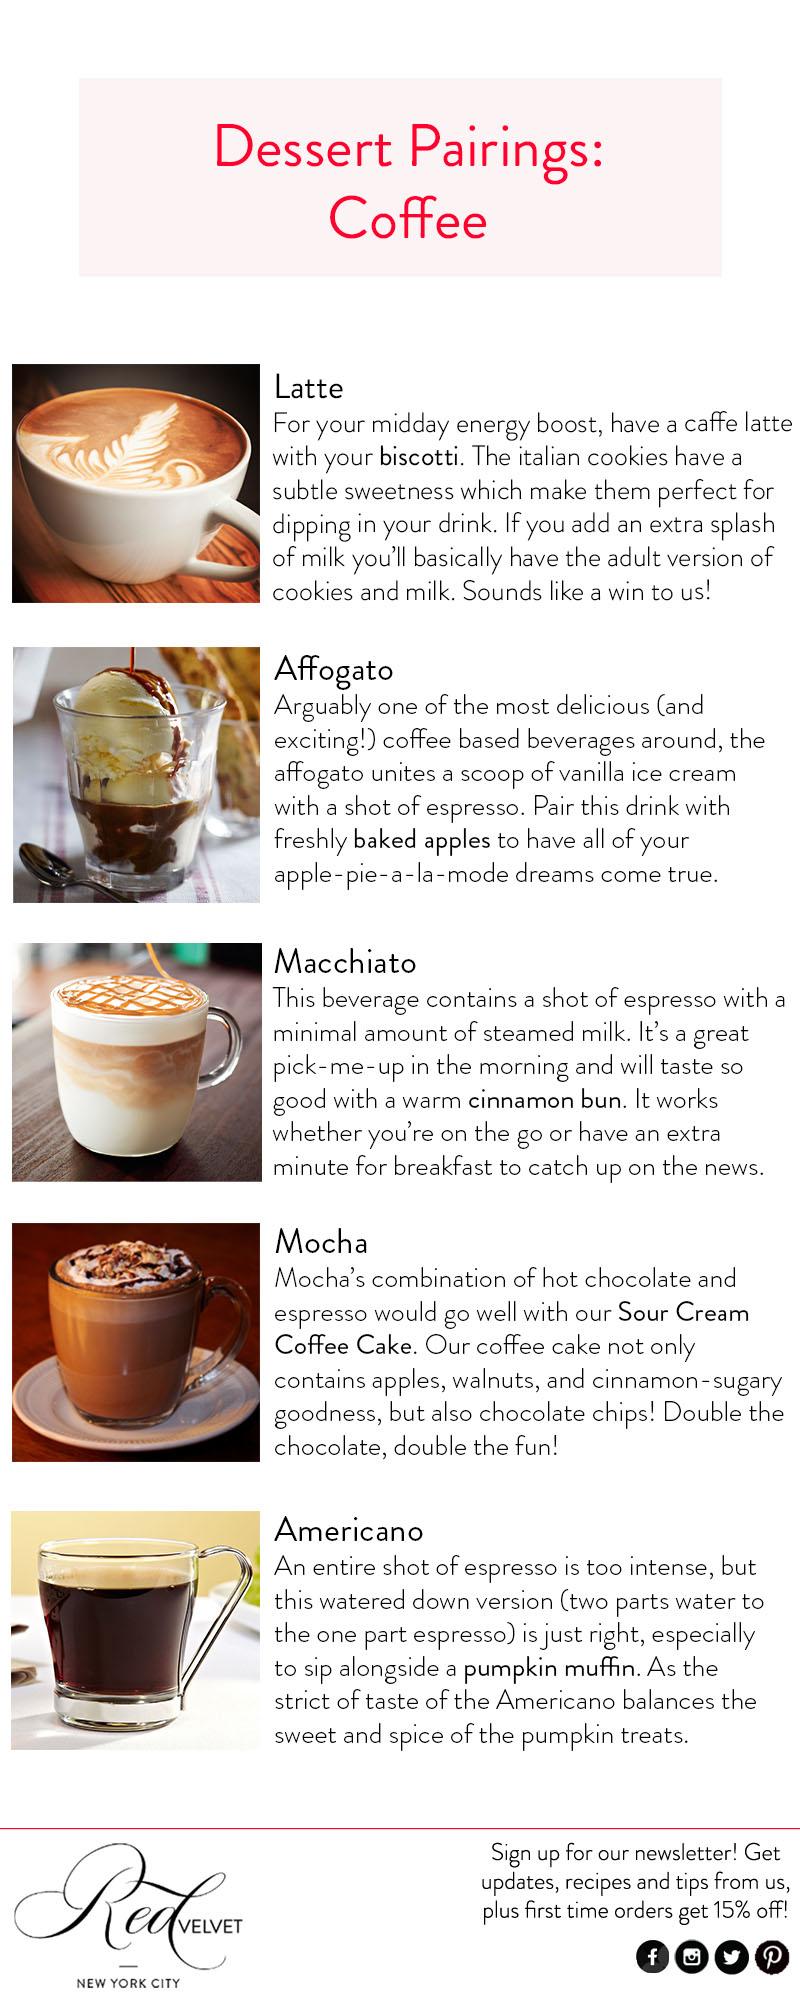 dessert pairings-coffee